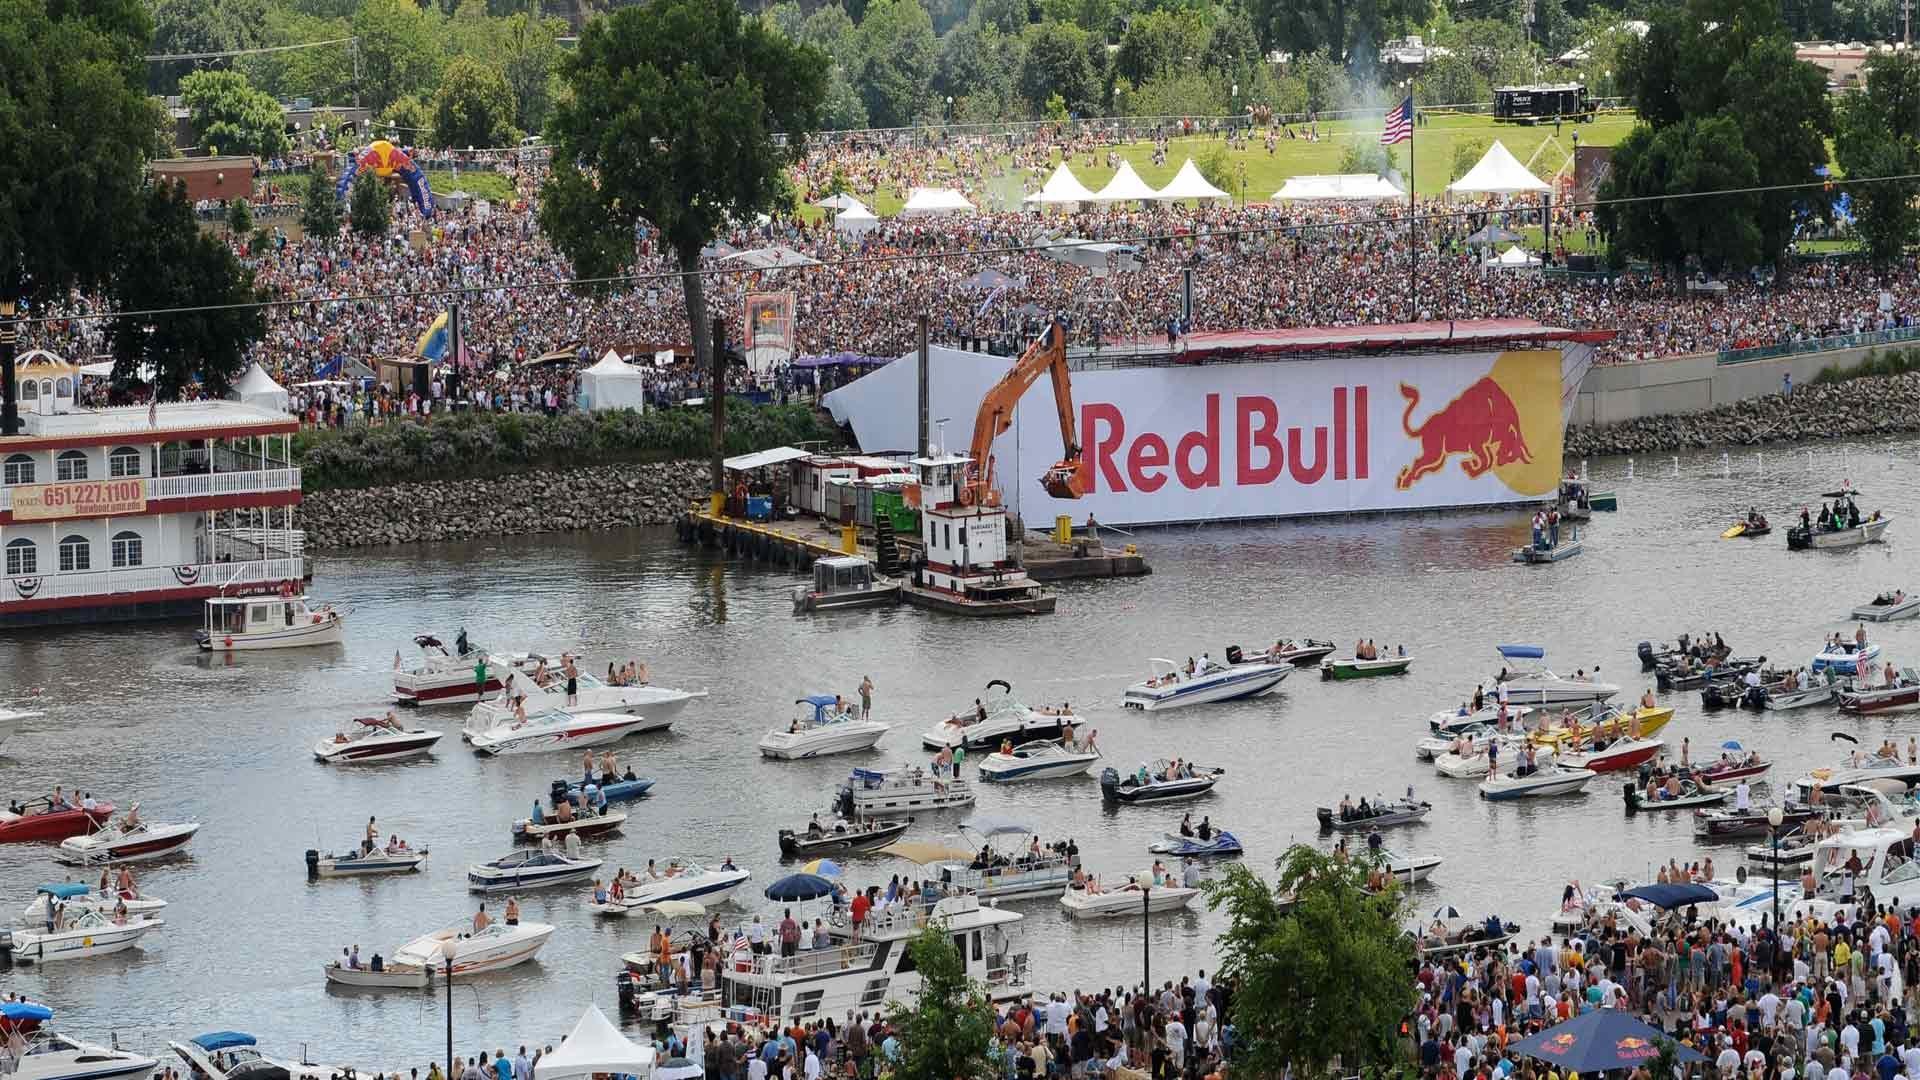 Red Bull Flugtag returns to Saint Paul on September 7